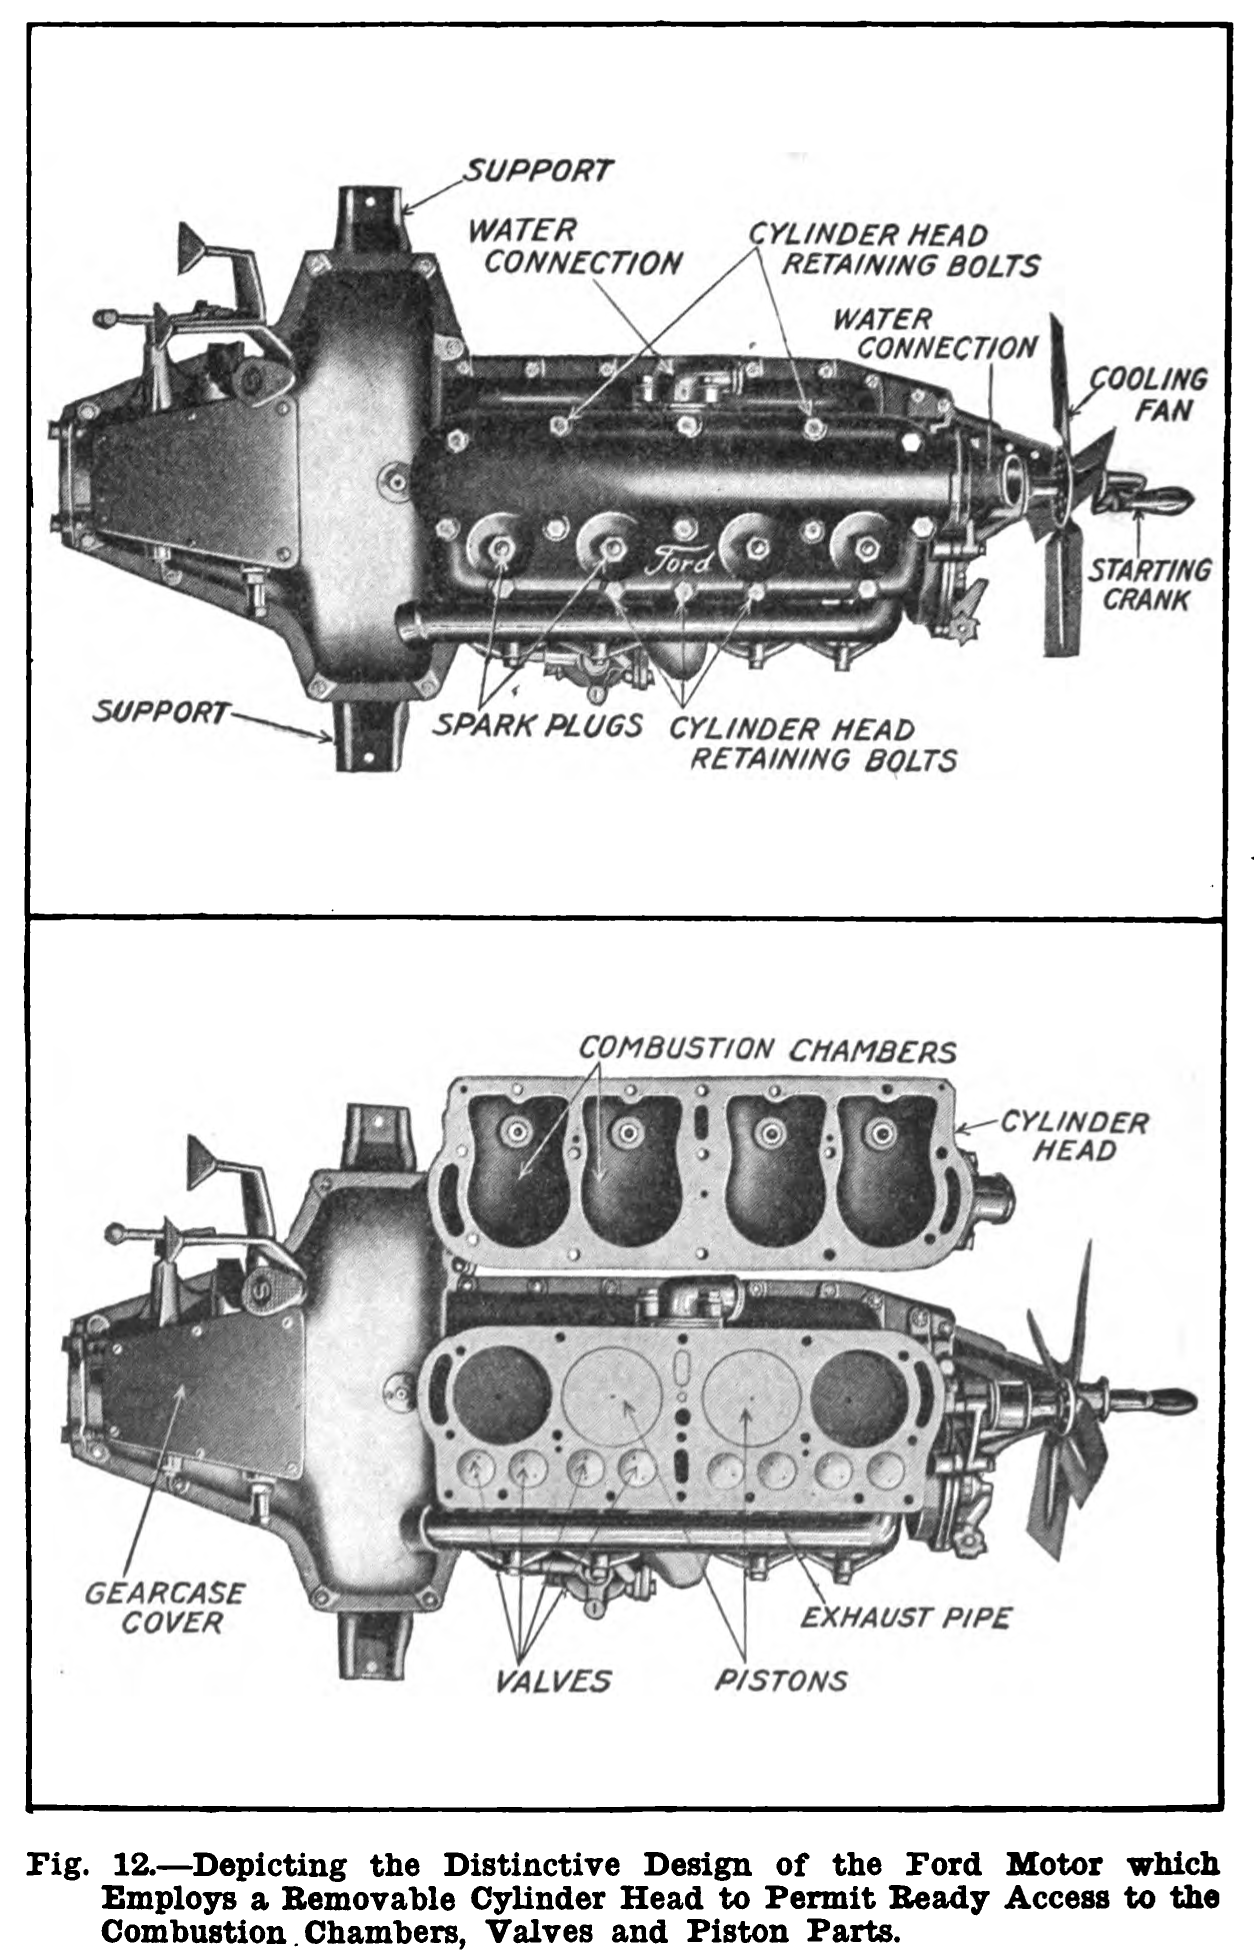 Description Pagé 1917 Model T Ford Car Figure 12.png | WHEEL ...